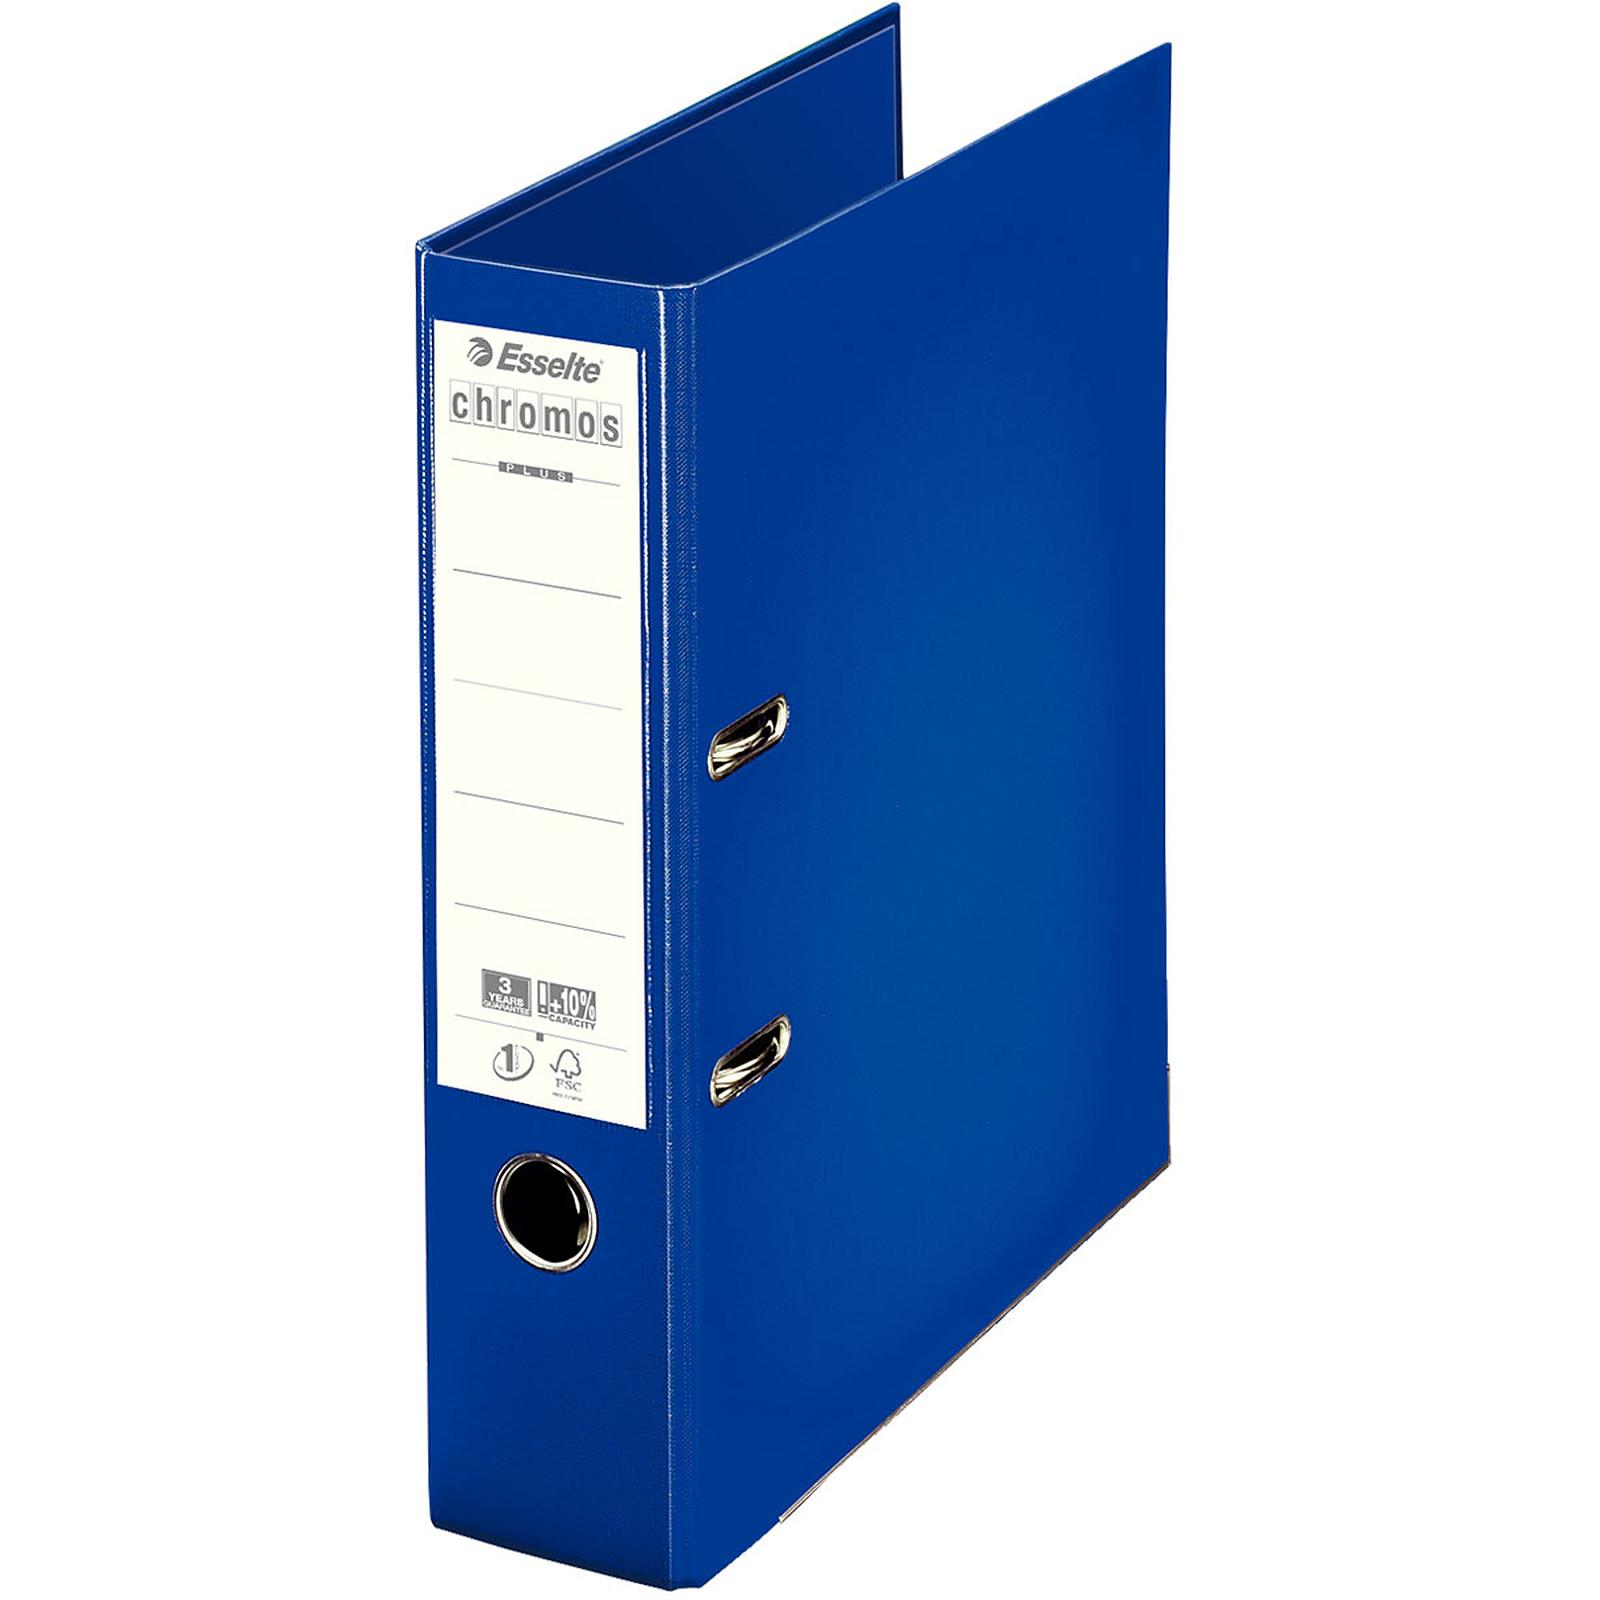 Esselte Classeur à levier Chromos Plus 80mm Bleu